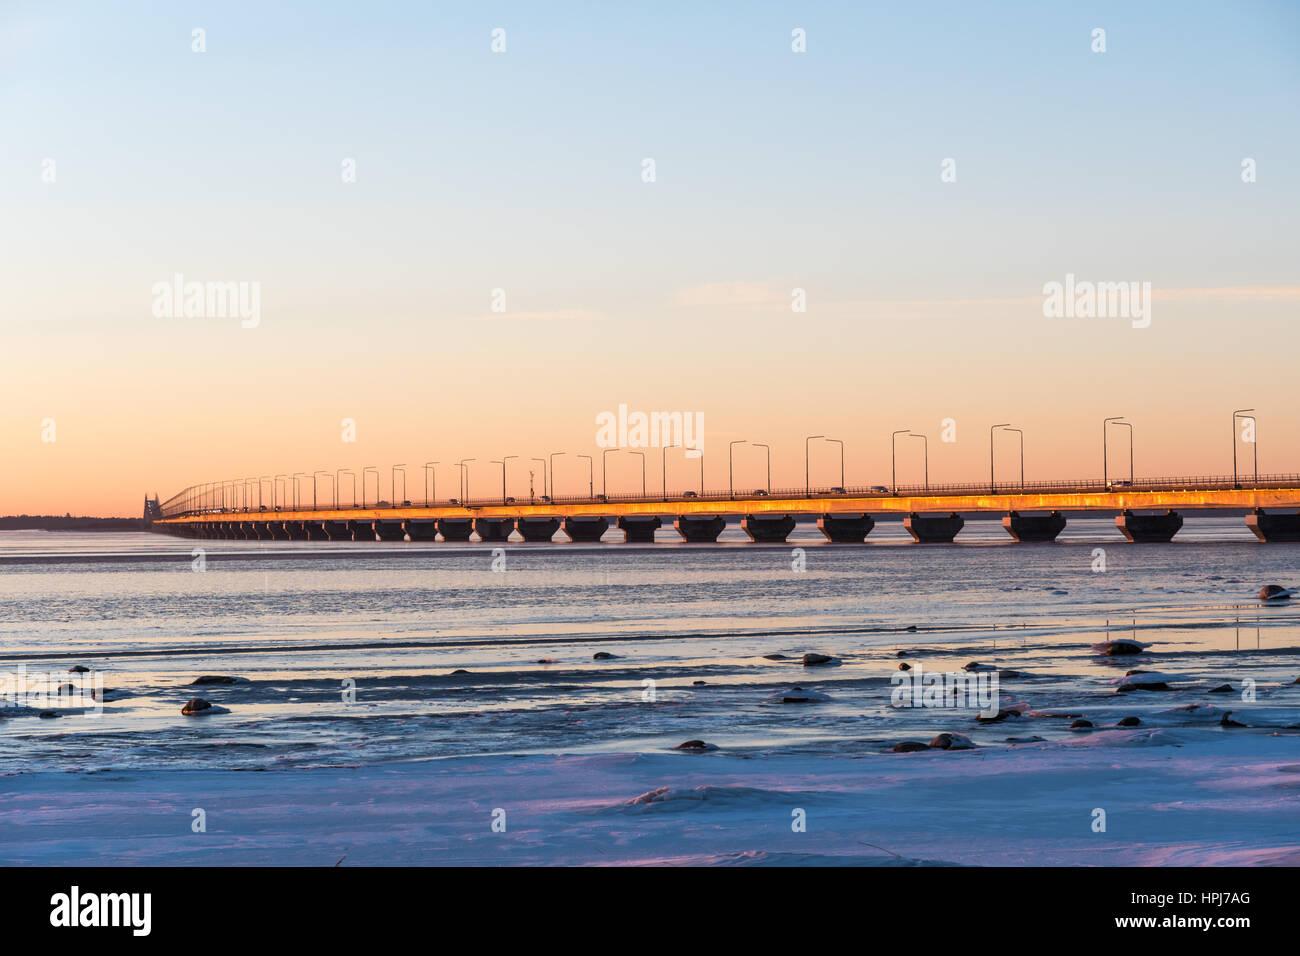 Das schwedische Wahrzeichen der Öland-Brücke, verbindet die Insel Öland mit Festland Schweden Stockbild